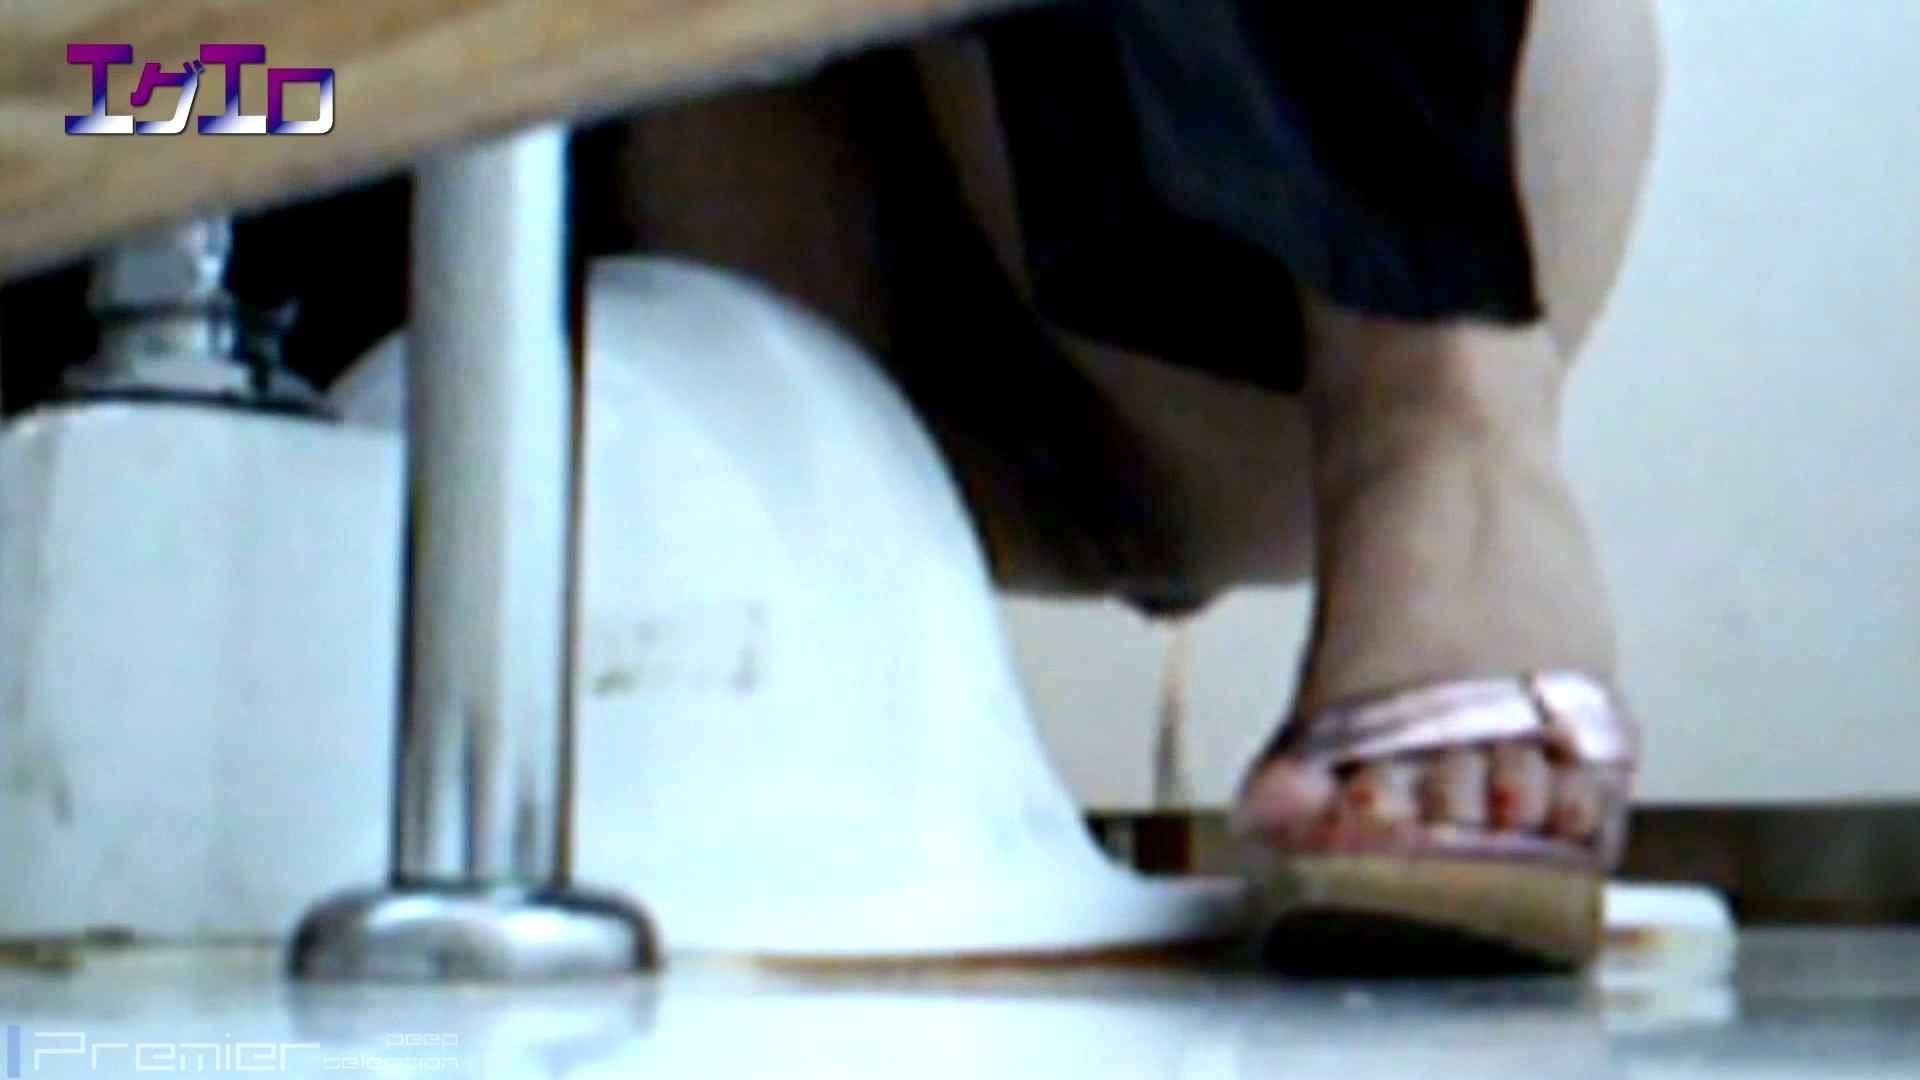 至近距離洗面所 Vol.09夏ギャルキタ~和式トイレ放nyoショー トイレの実態  80PIX 5